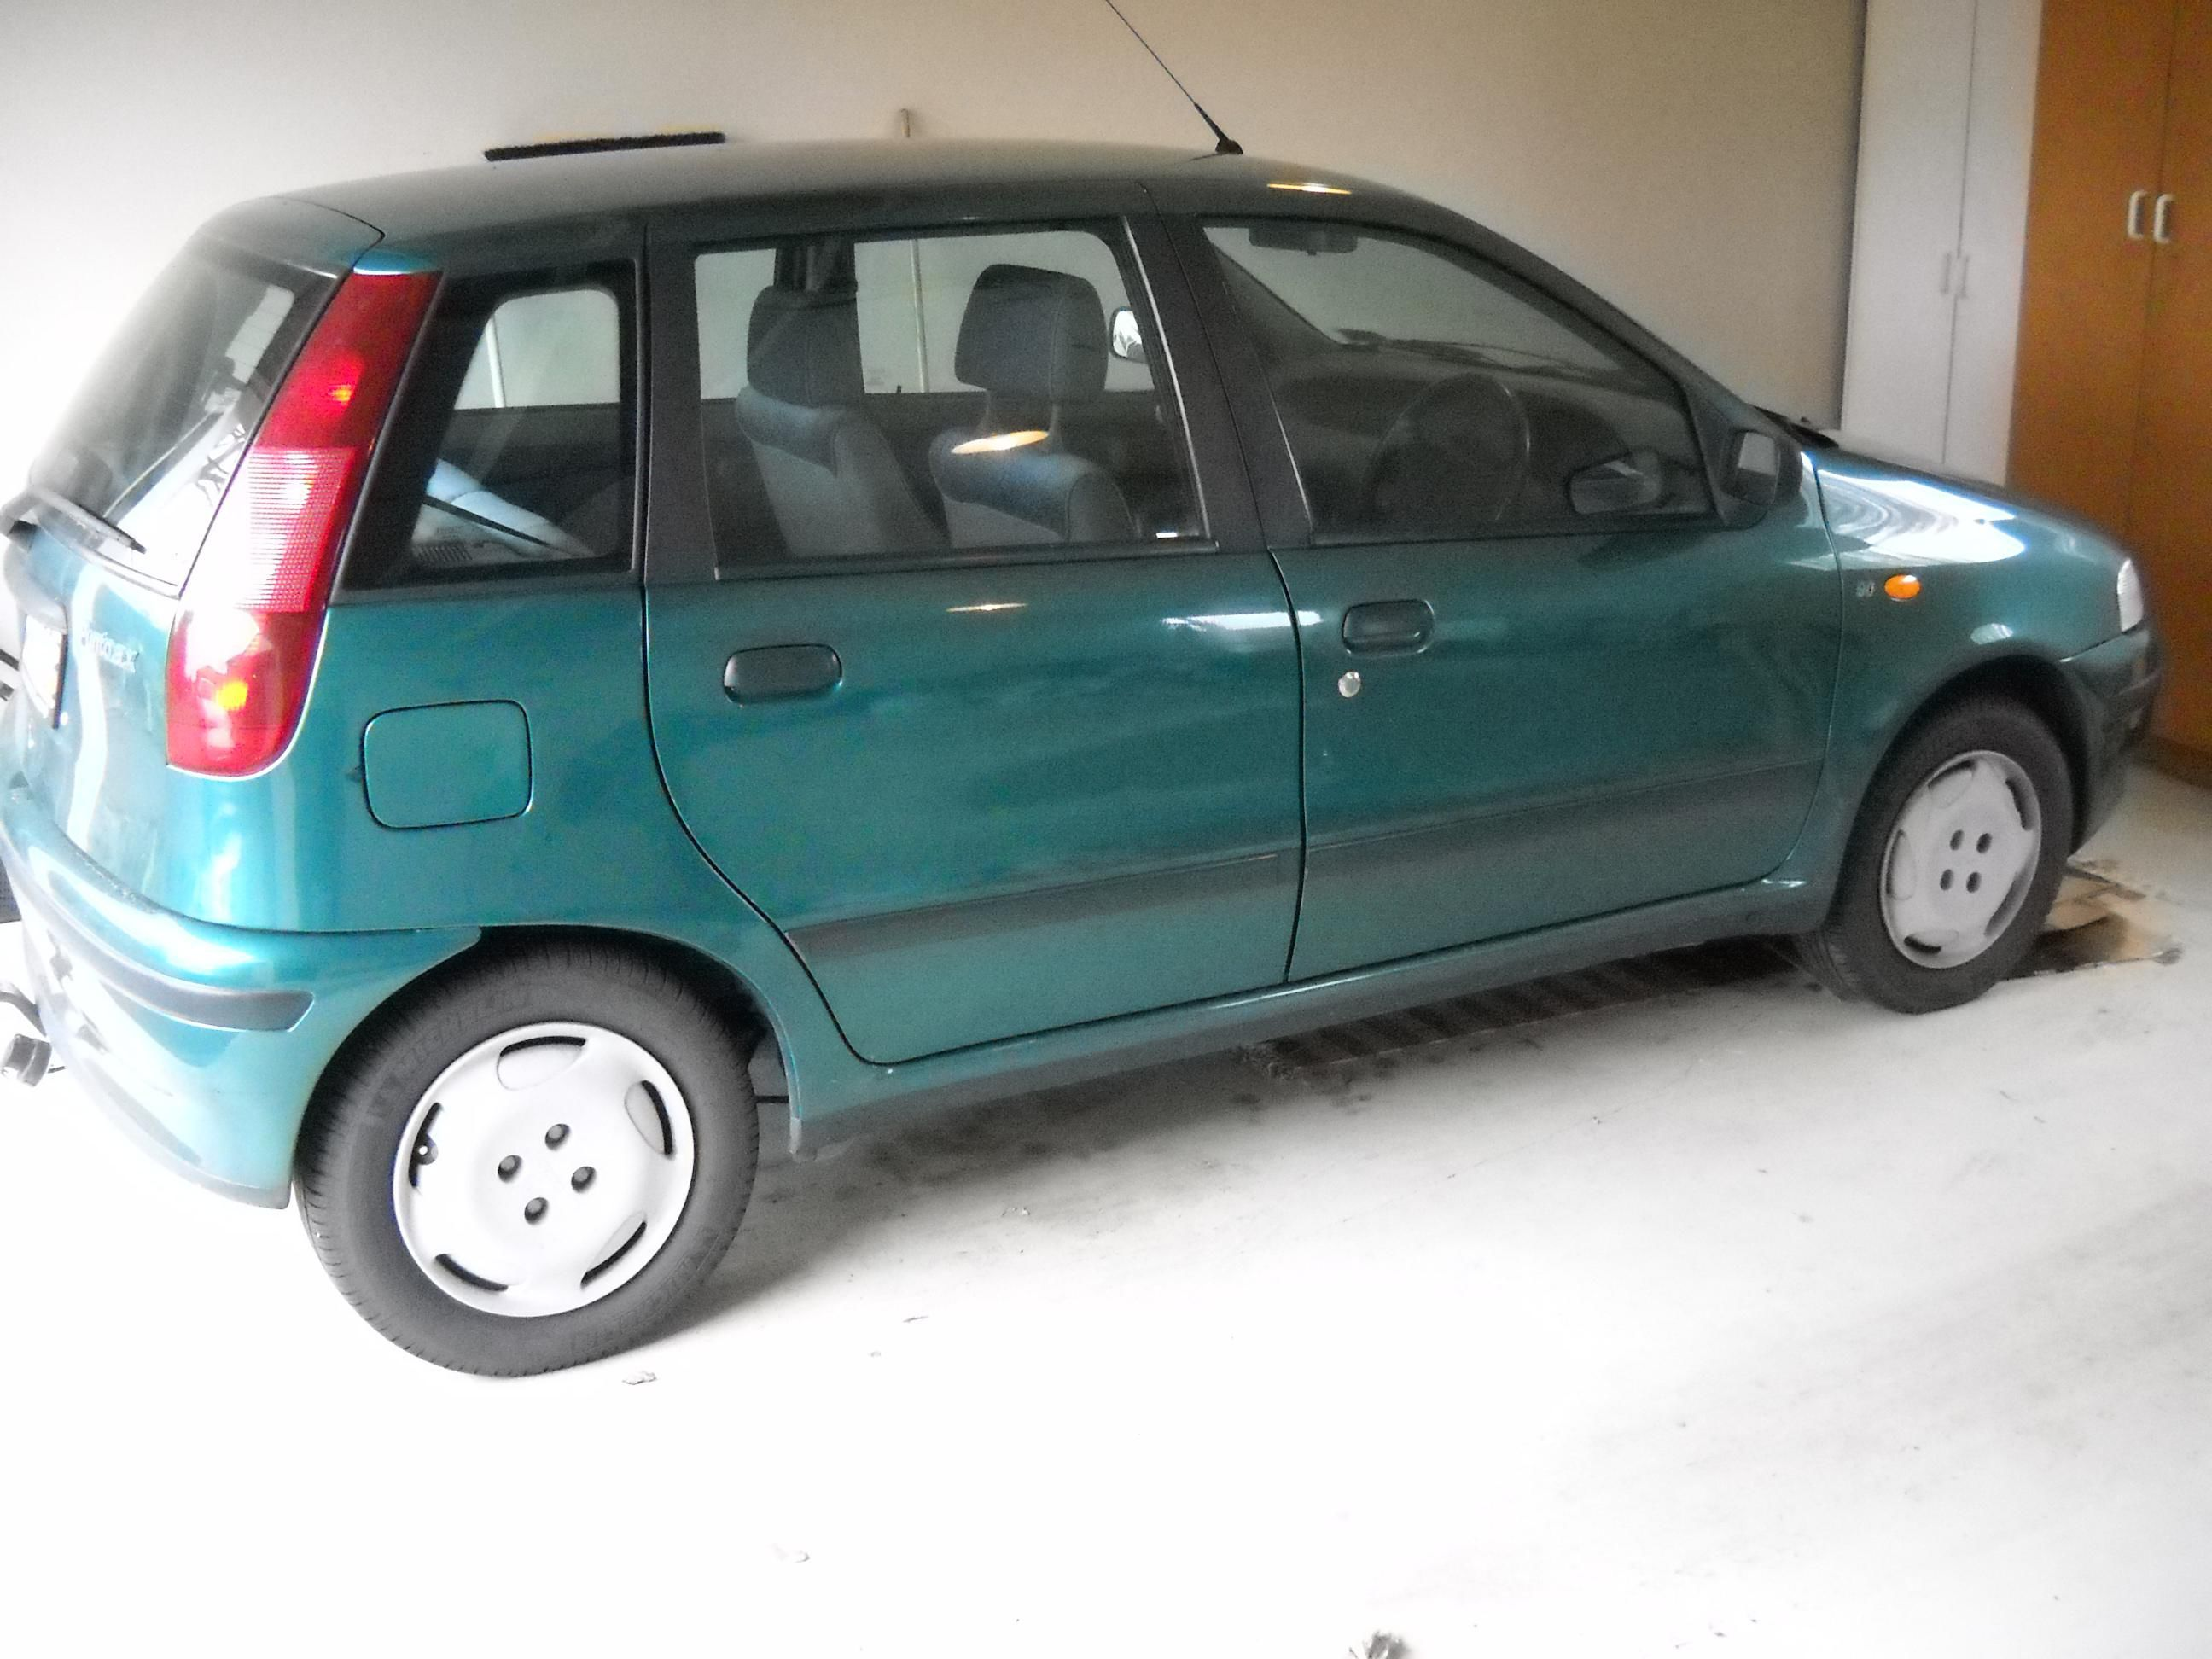 Fiat Punto ELX